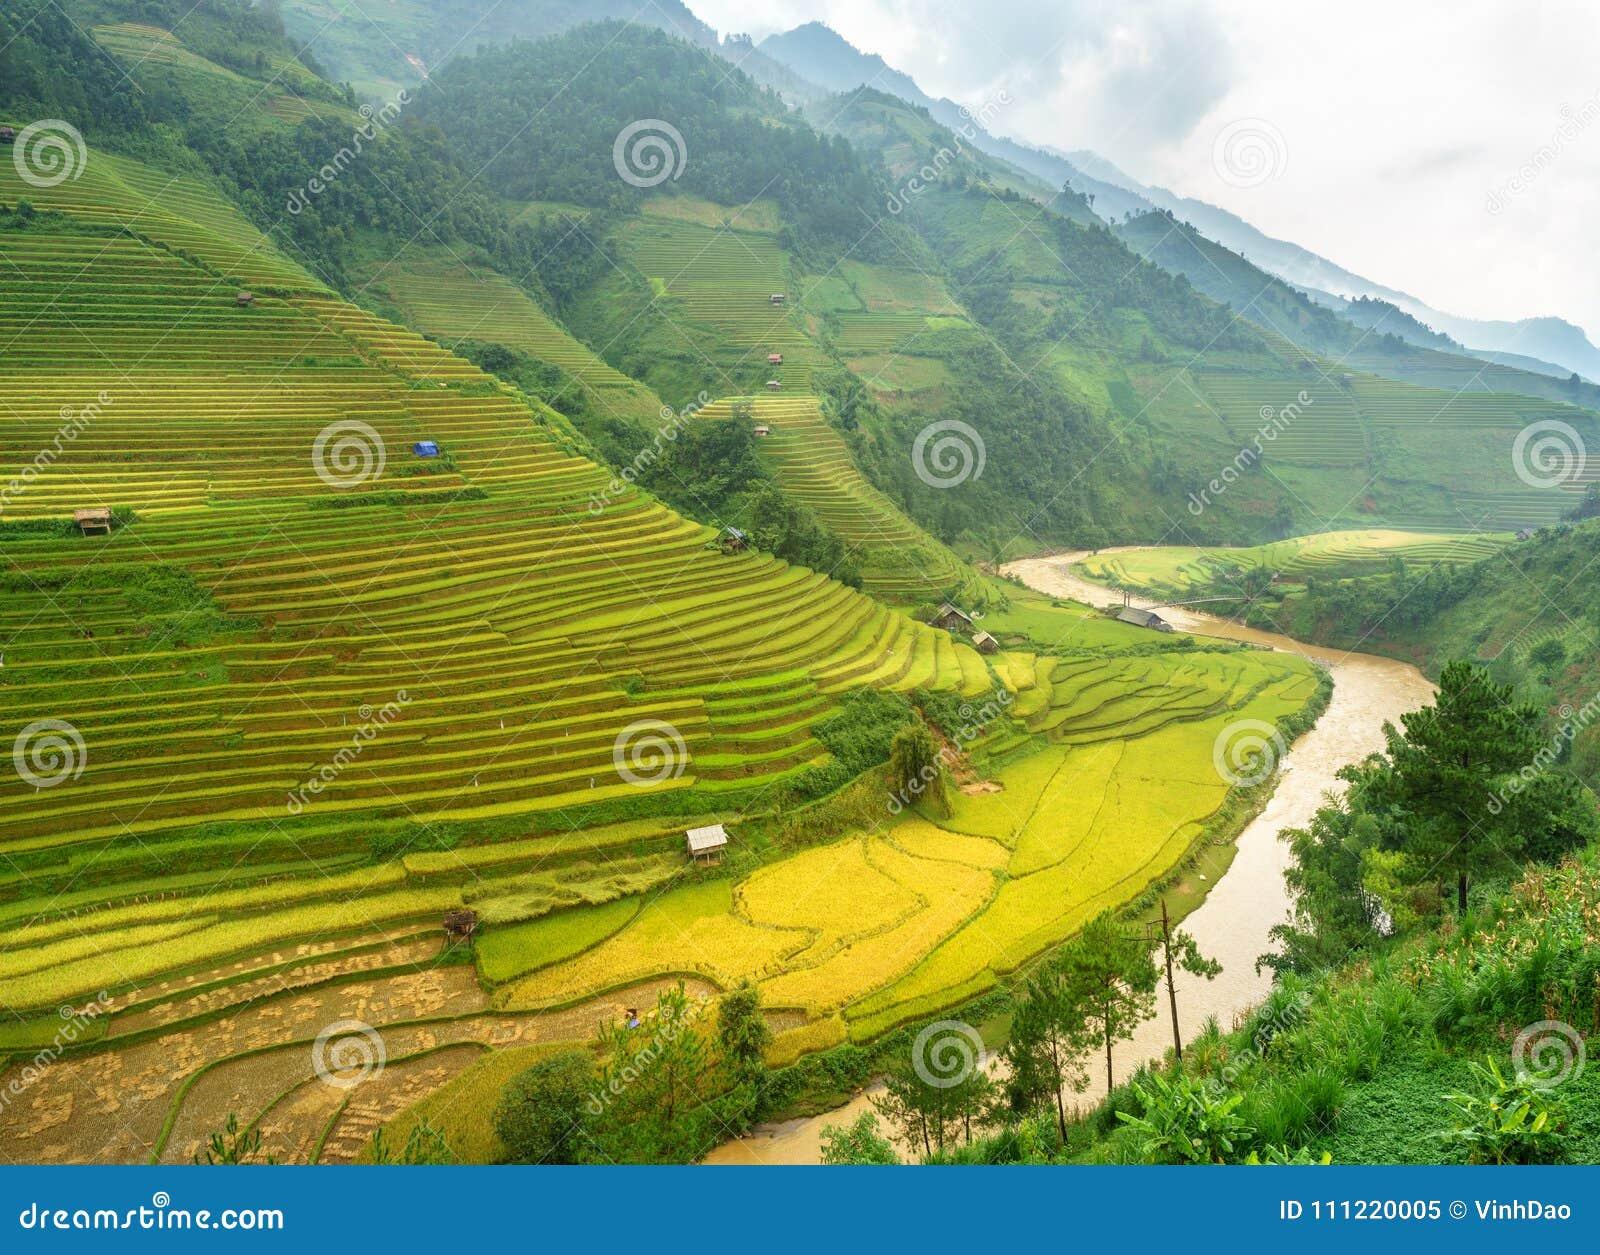 米在露台调遣Mu Cang柴, YenBai,米领域在西北越南准备收获 越南风景